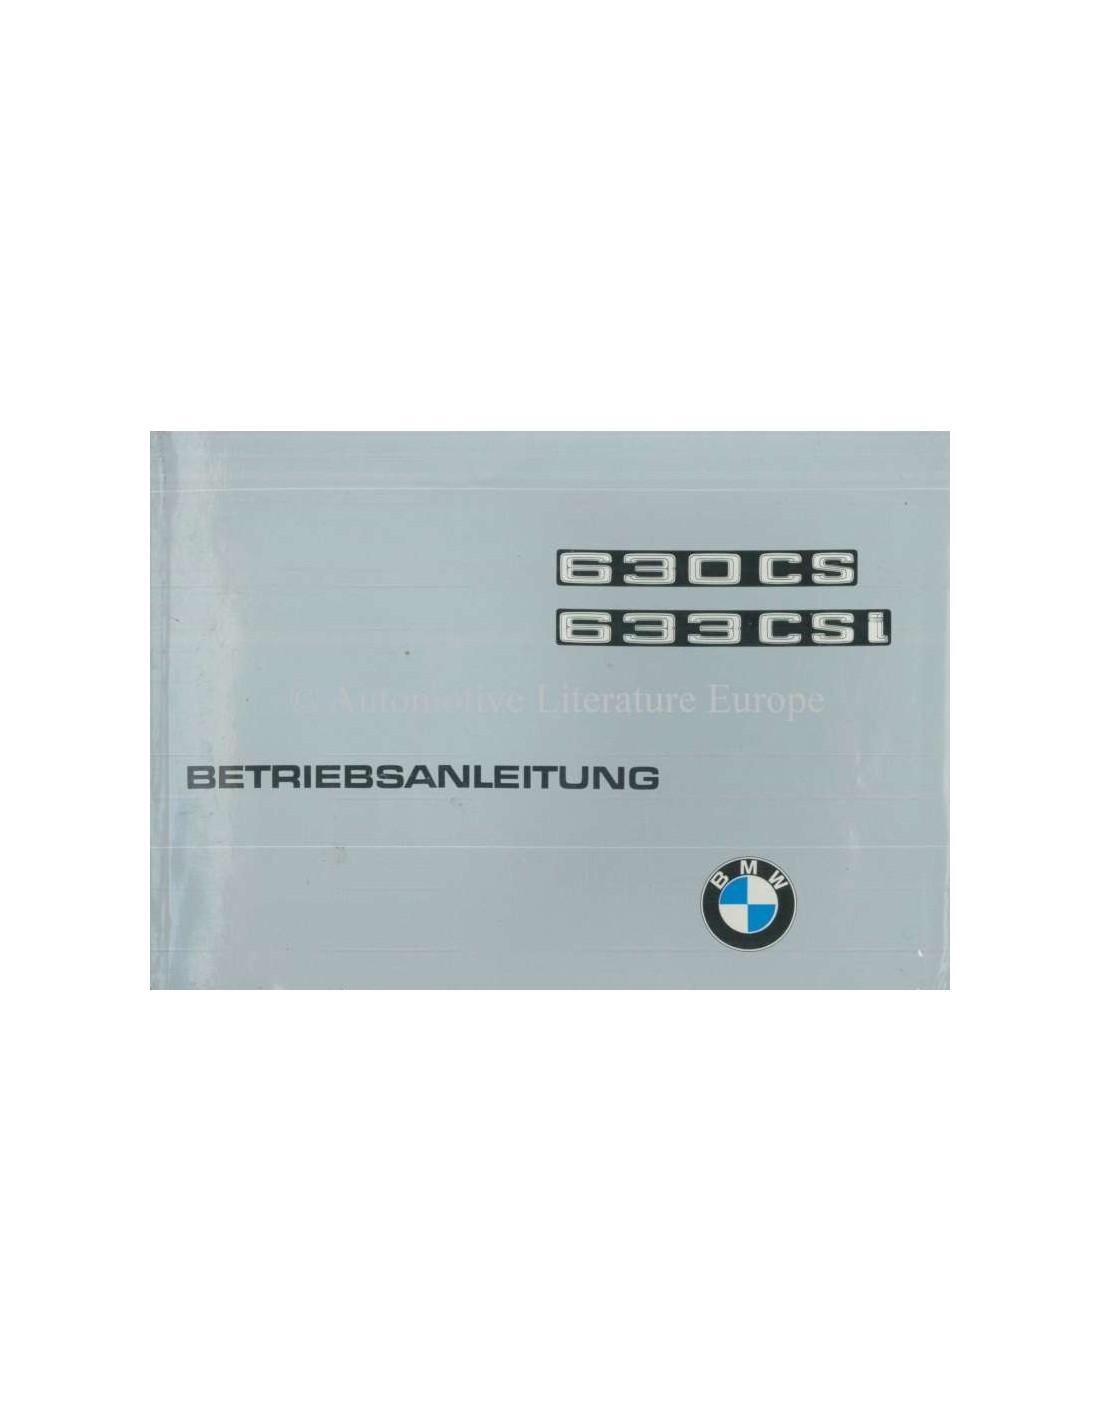 1976 BMW 630 CS / 633 CSi OWNERS MANUAL GERMAN